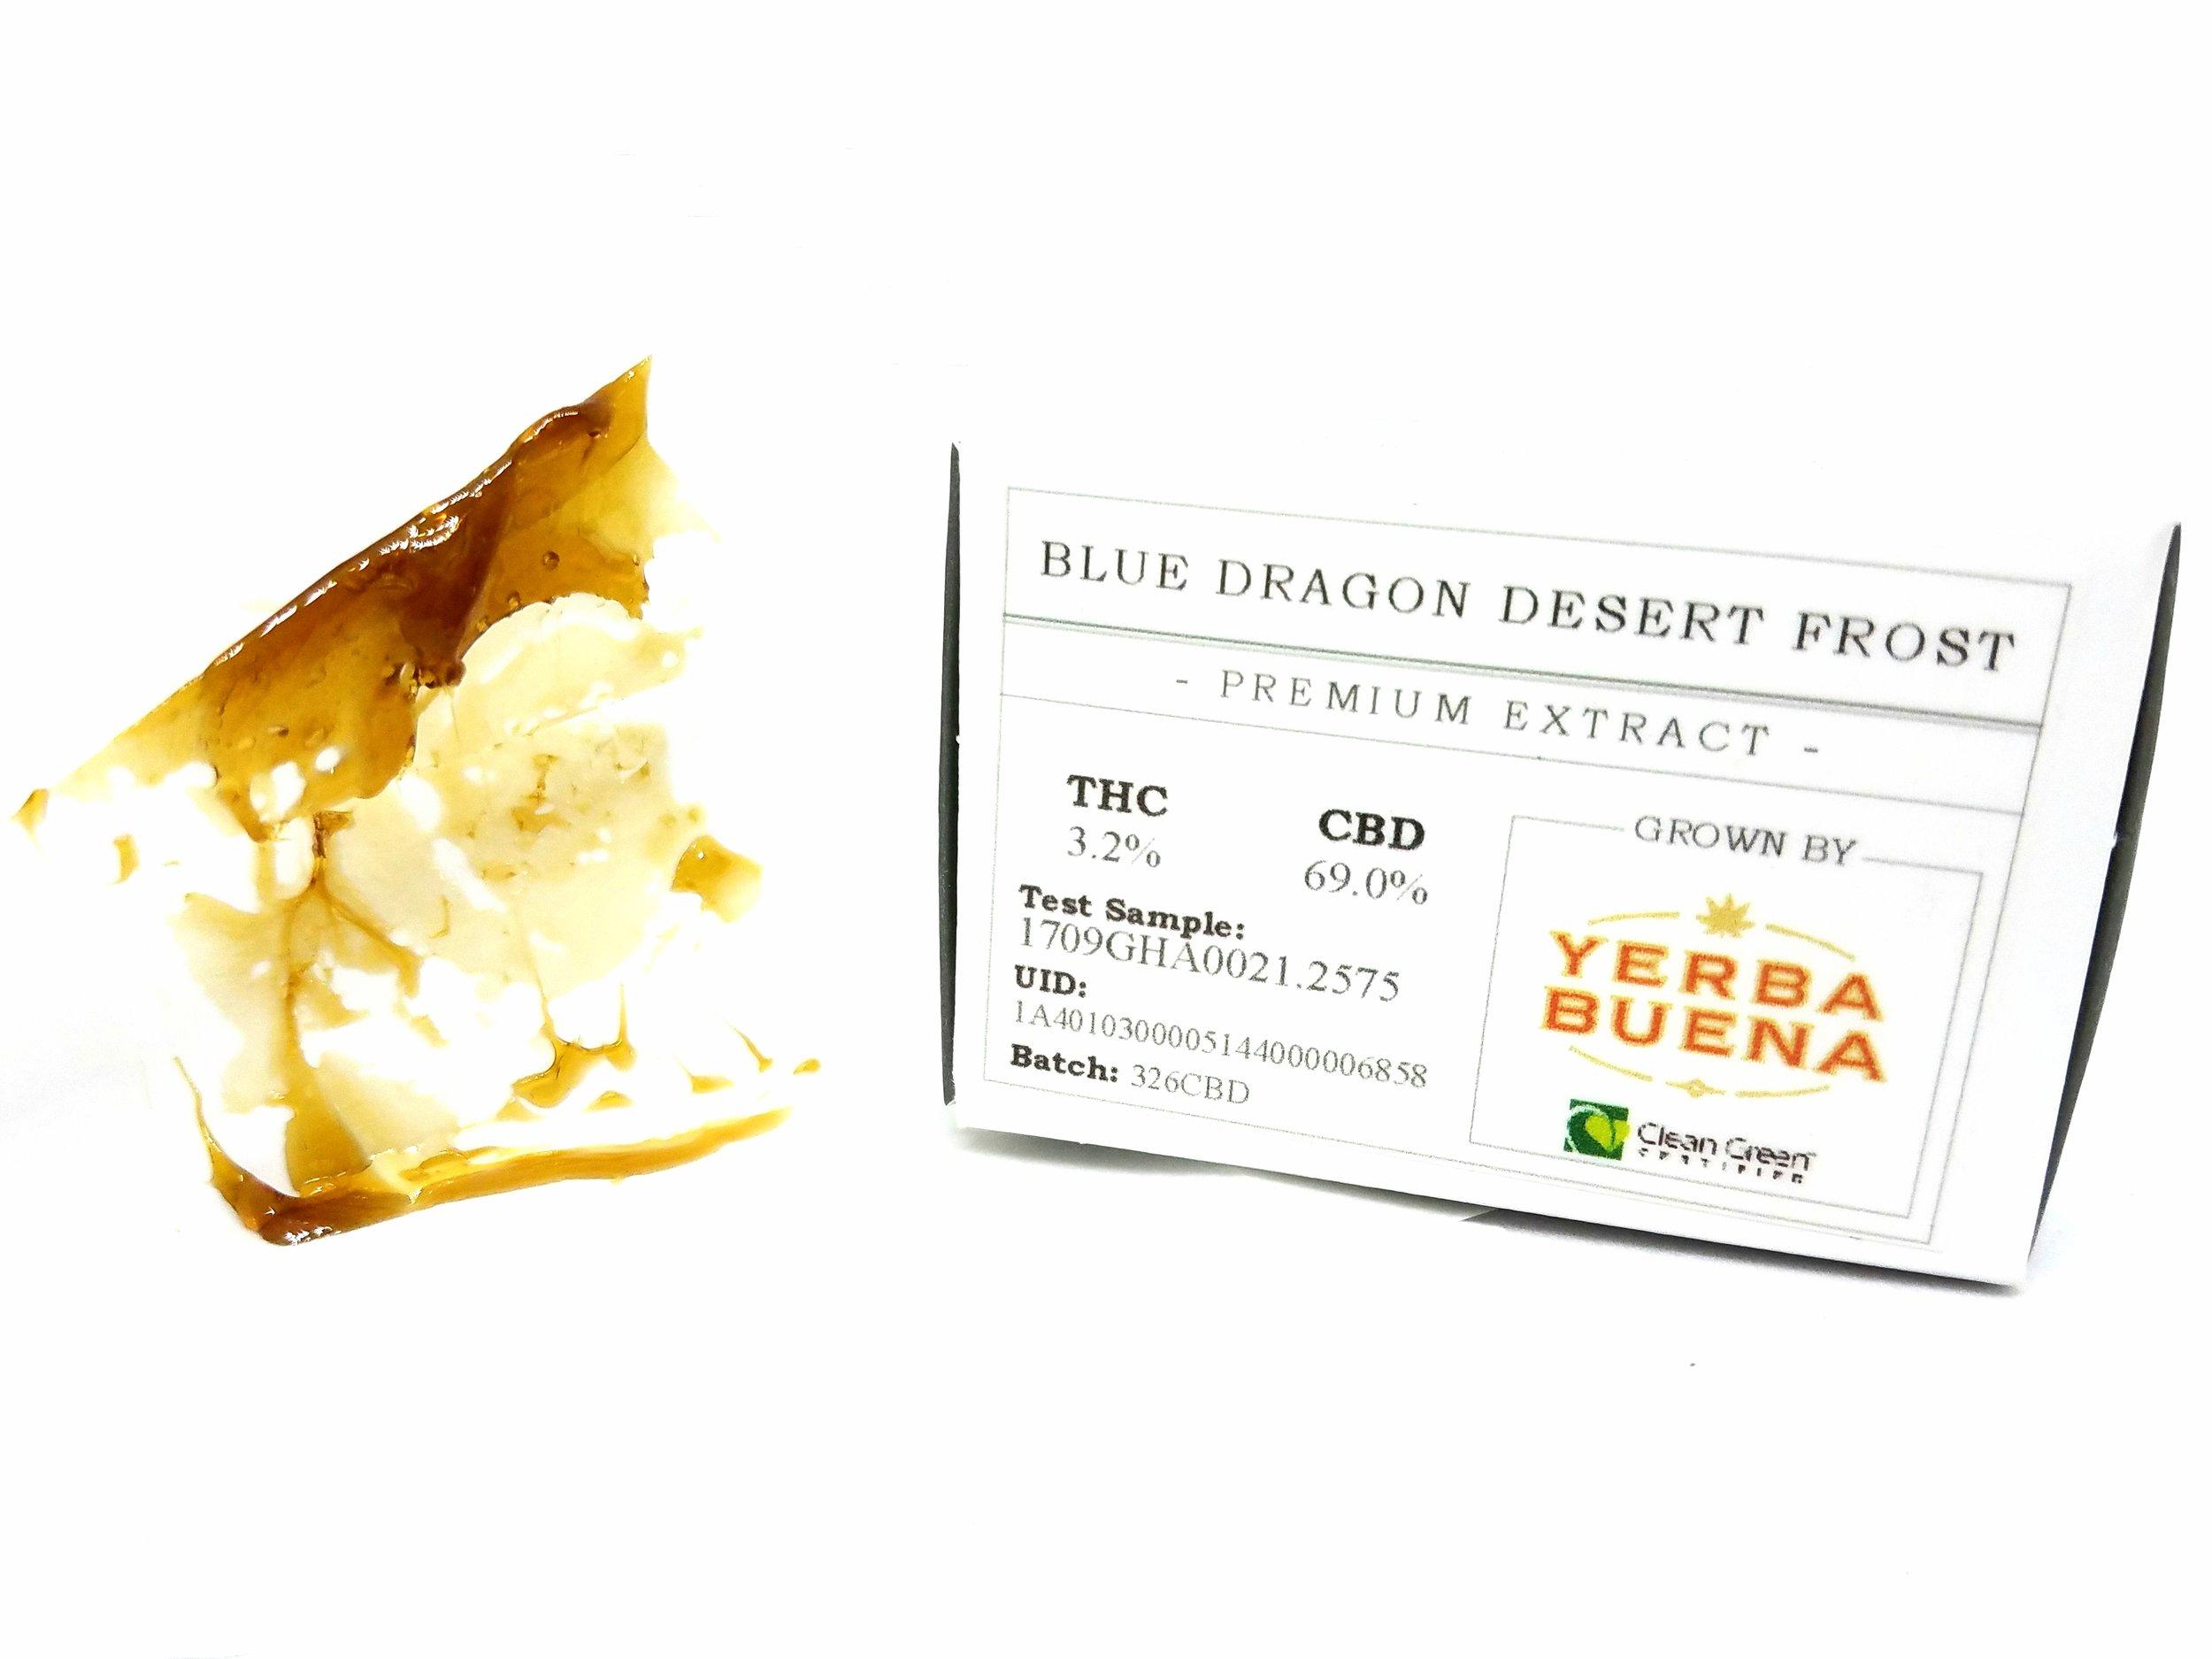 Blue Dragon Desert Frost